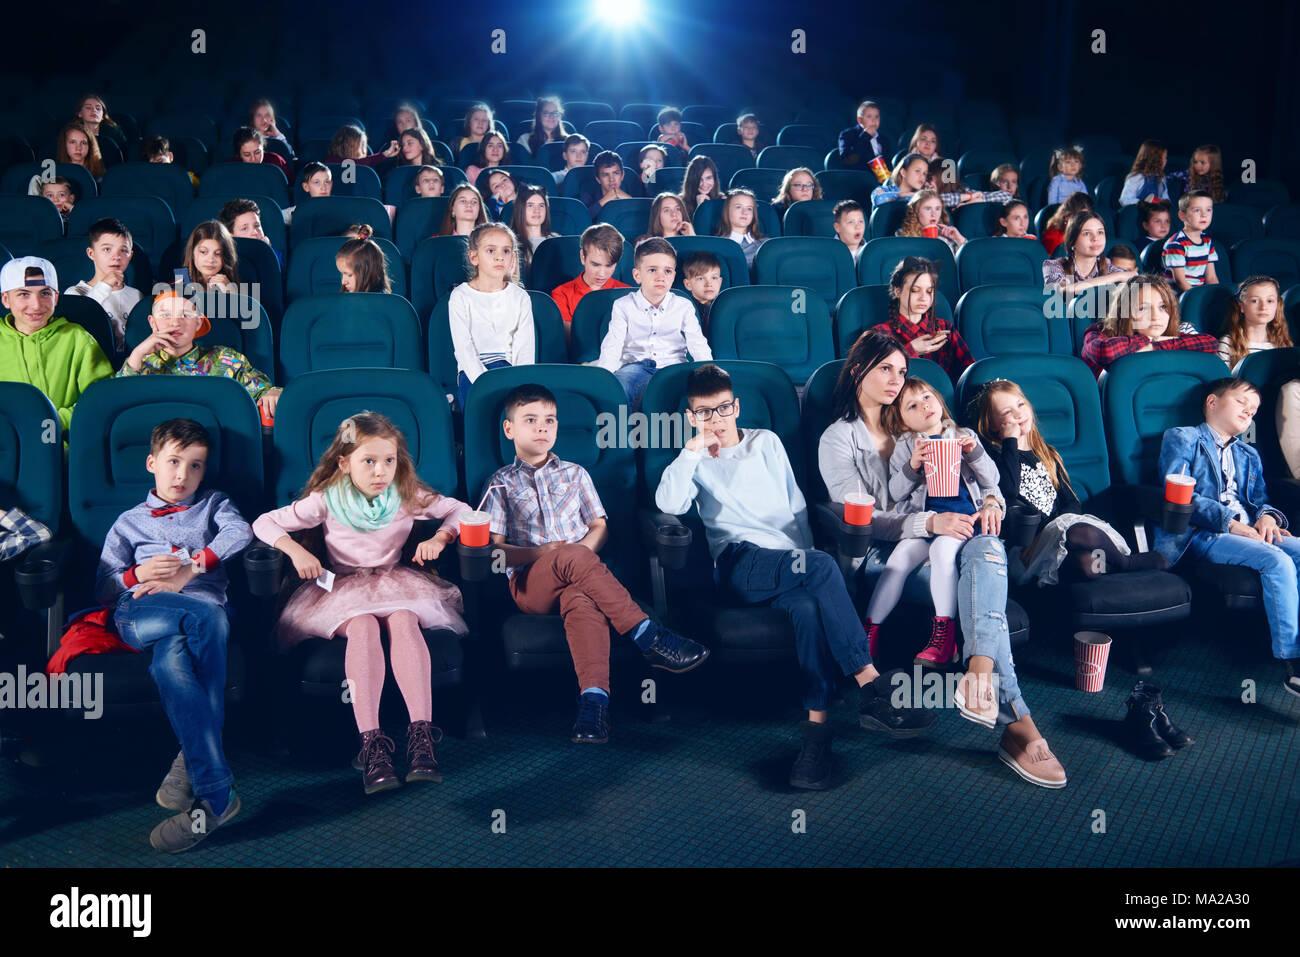 Façade de gens assis dans la salle de cinéma. Les garçons et les filles regarder film intéressant et très émotionnelle, à la peur, et il est sorti. Les enfants portent des vêtements à la mode colorée. Photo Stock